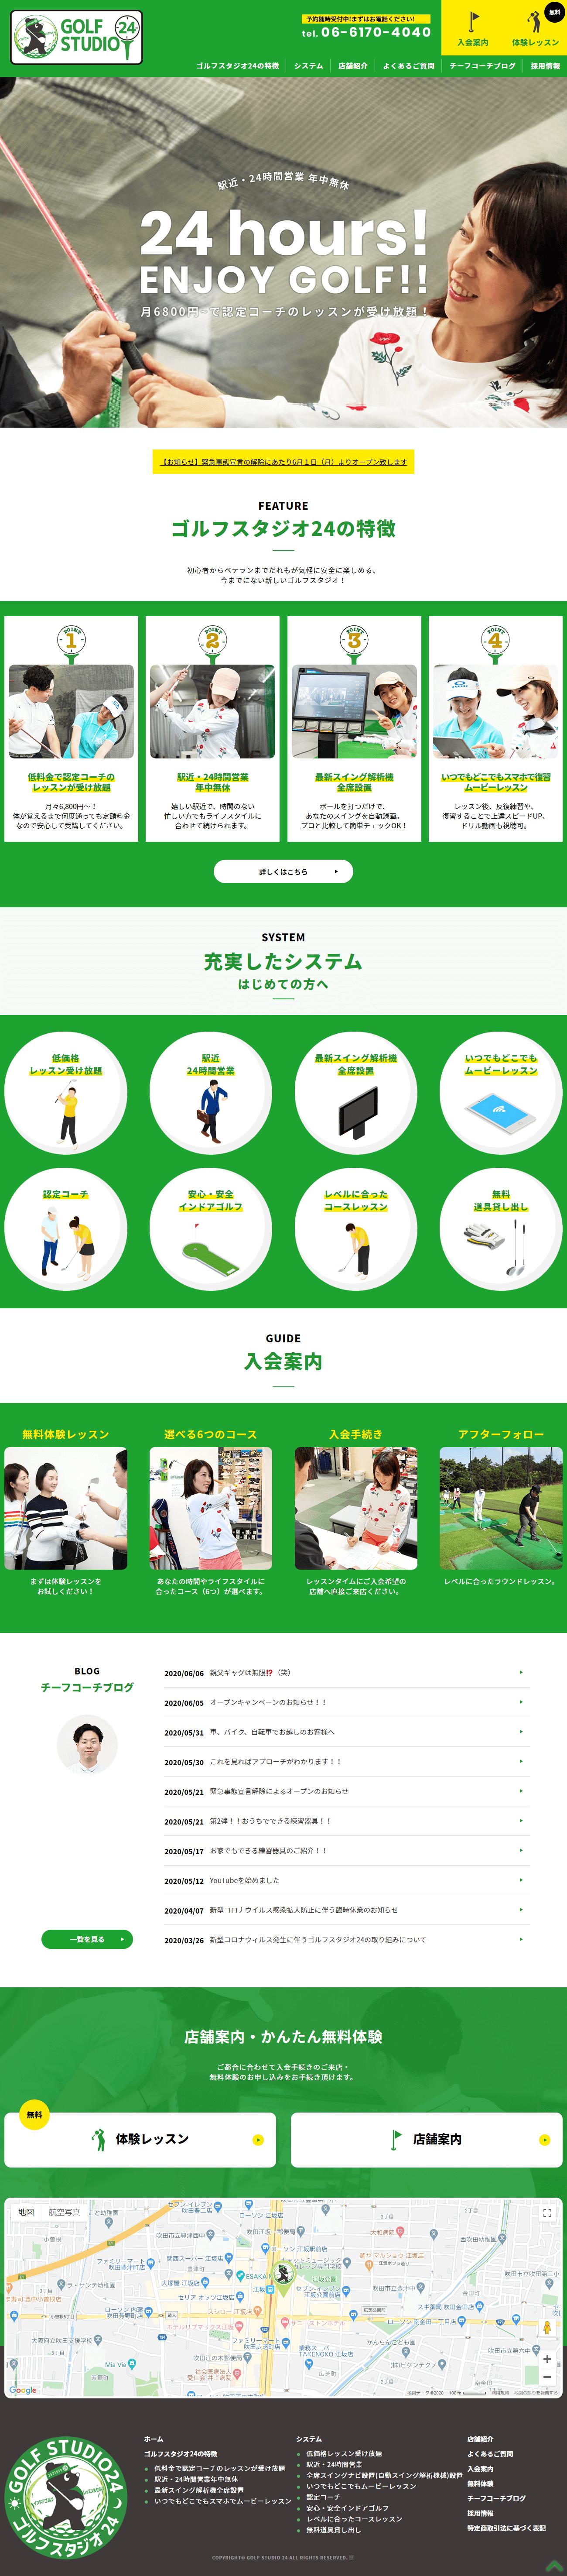 吹田市 ゴルフスタジオ24 ホームページ制作 1